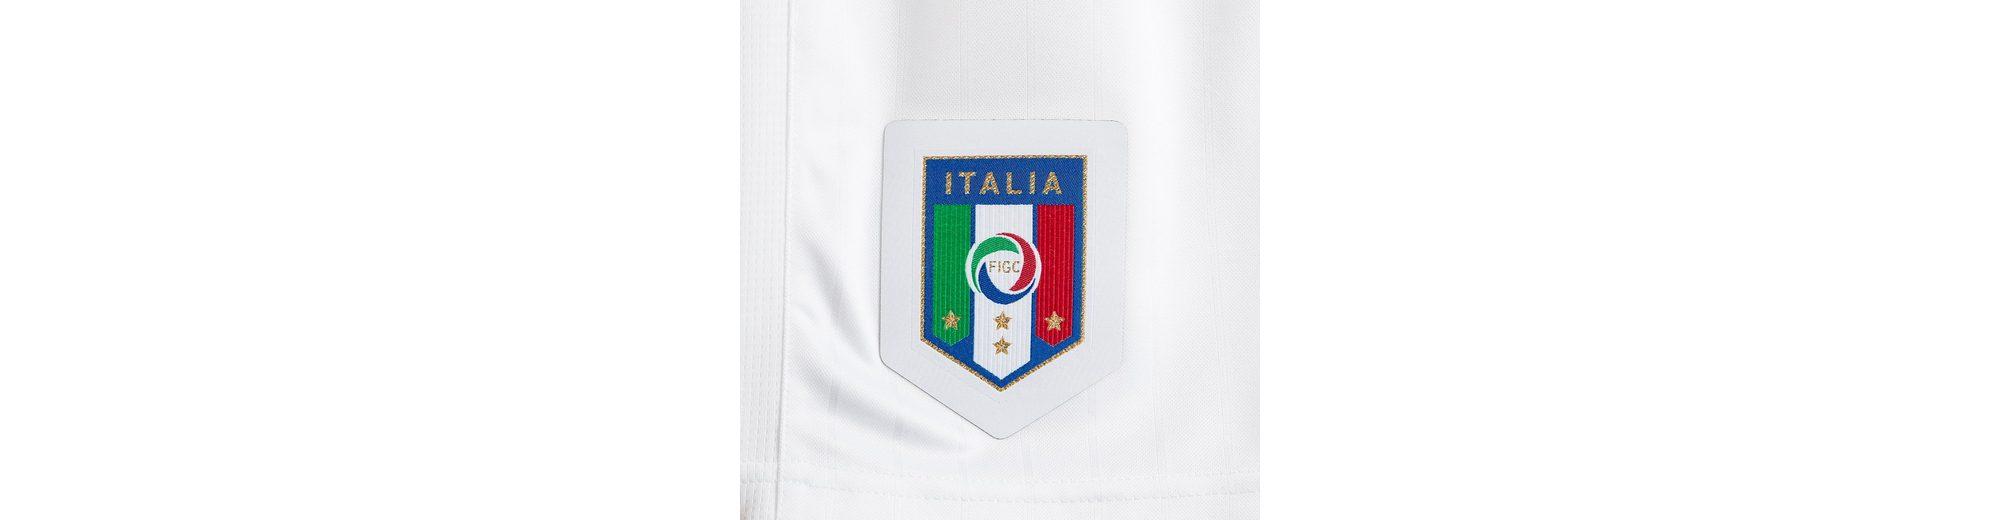 PUMA Italien Short Home Herren EM 2016 Rabatt Kosten Neu 0TFEoHFKL